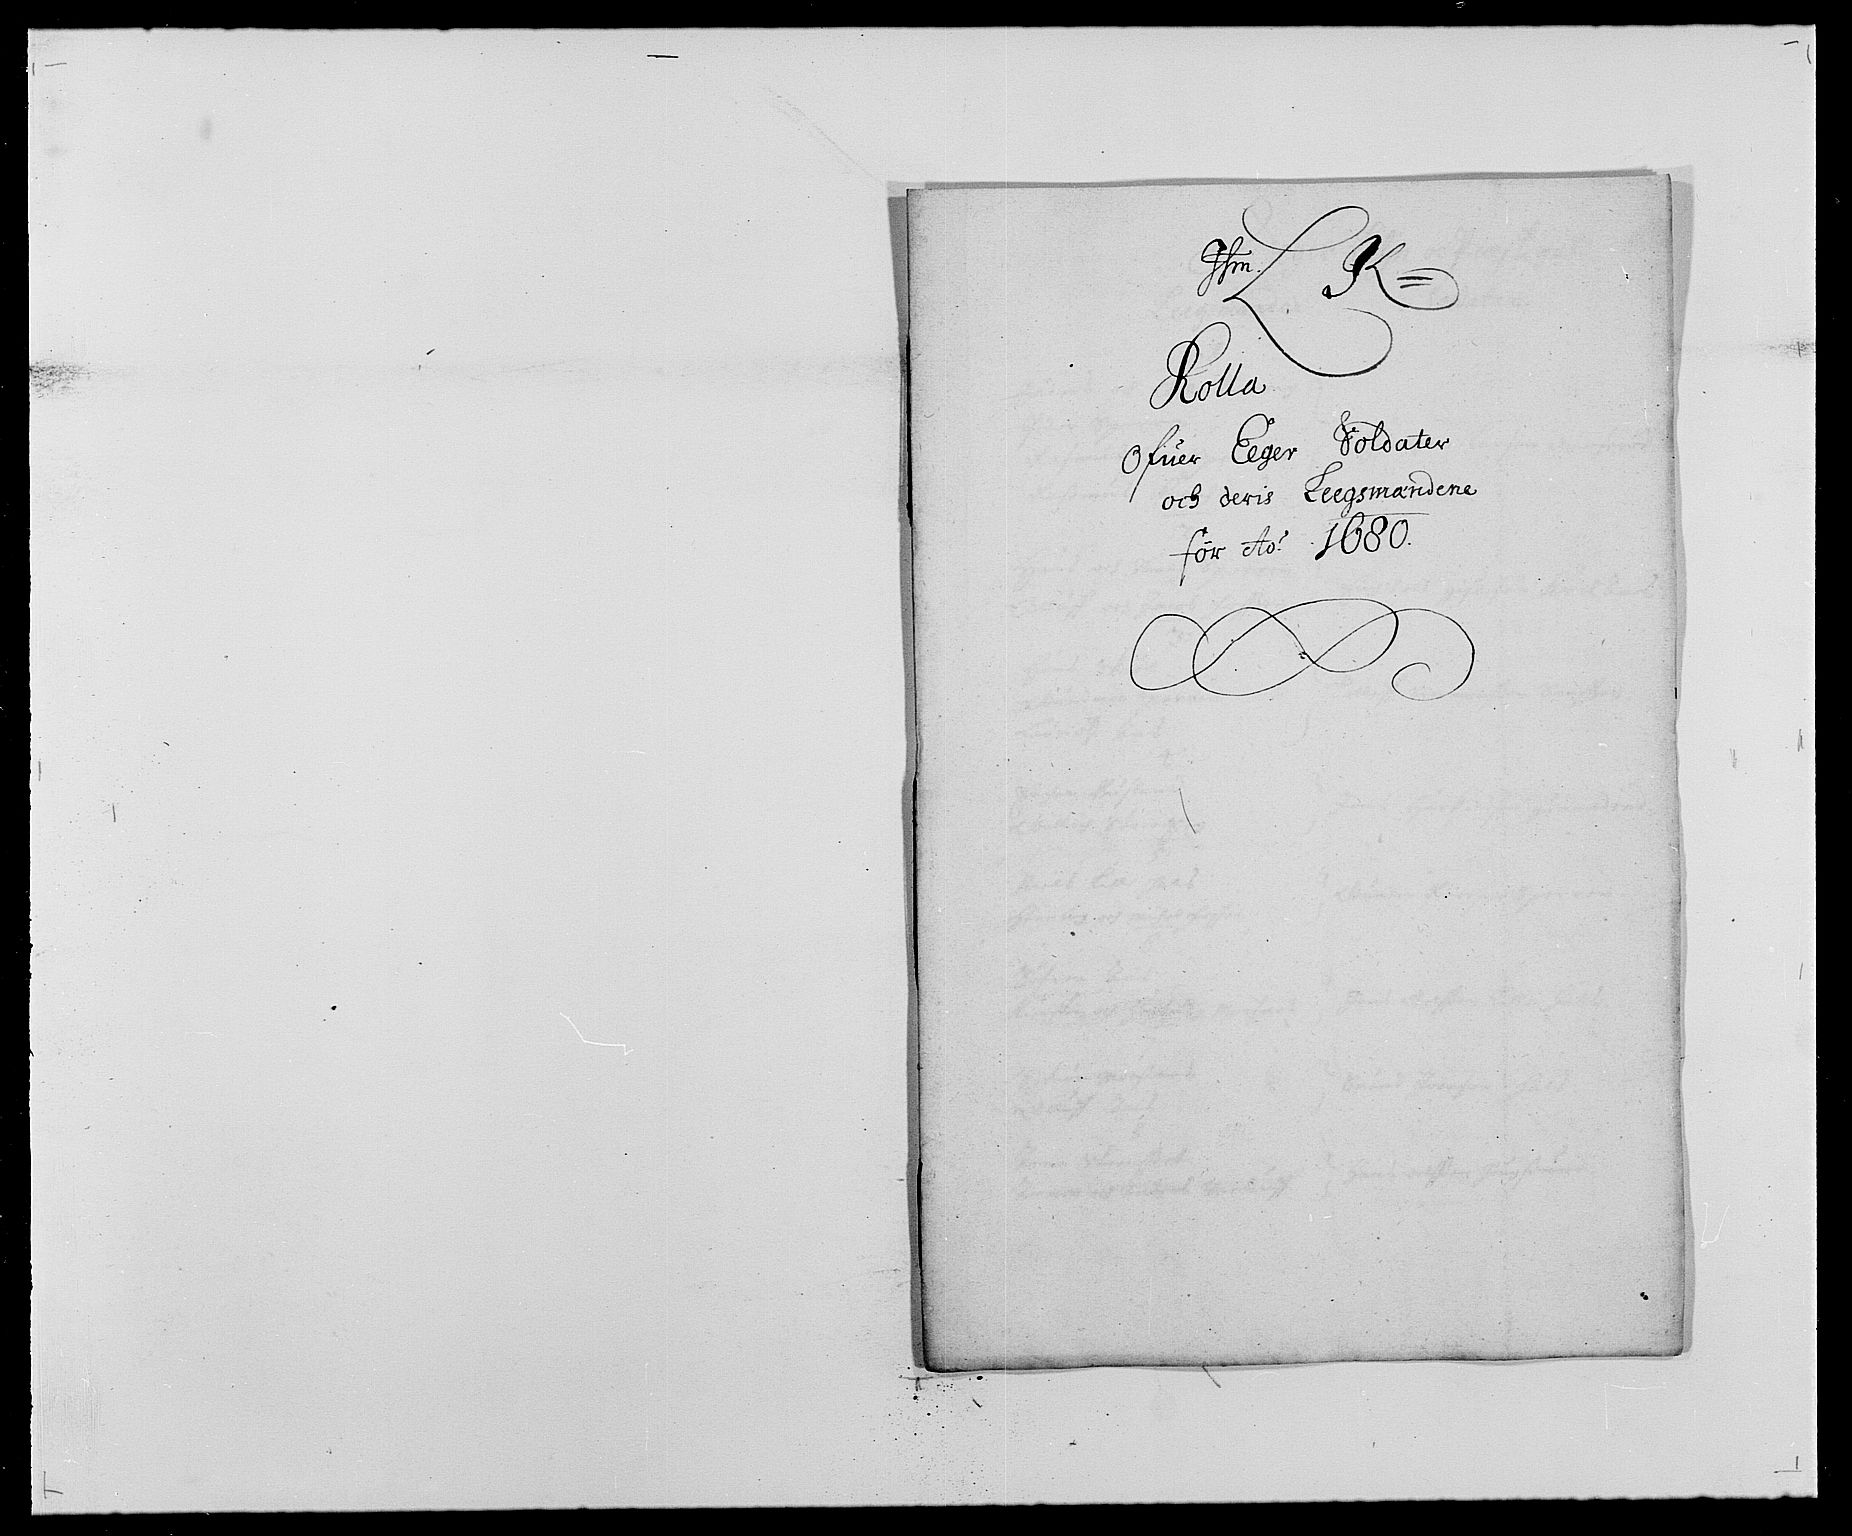 RA, Rentekammeret inntil 1814, Reviderte regnskaper, Fogderegnskap, R26/L1684: Fogderegnskap Eiker, 1679-1686, s. 151